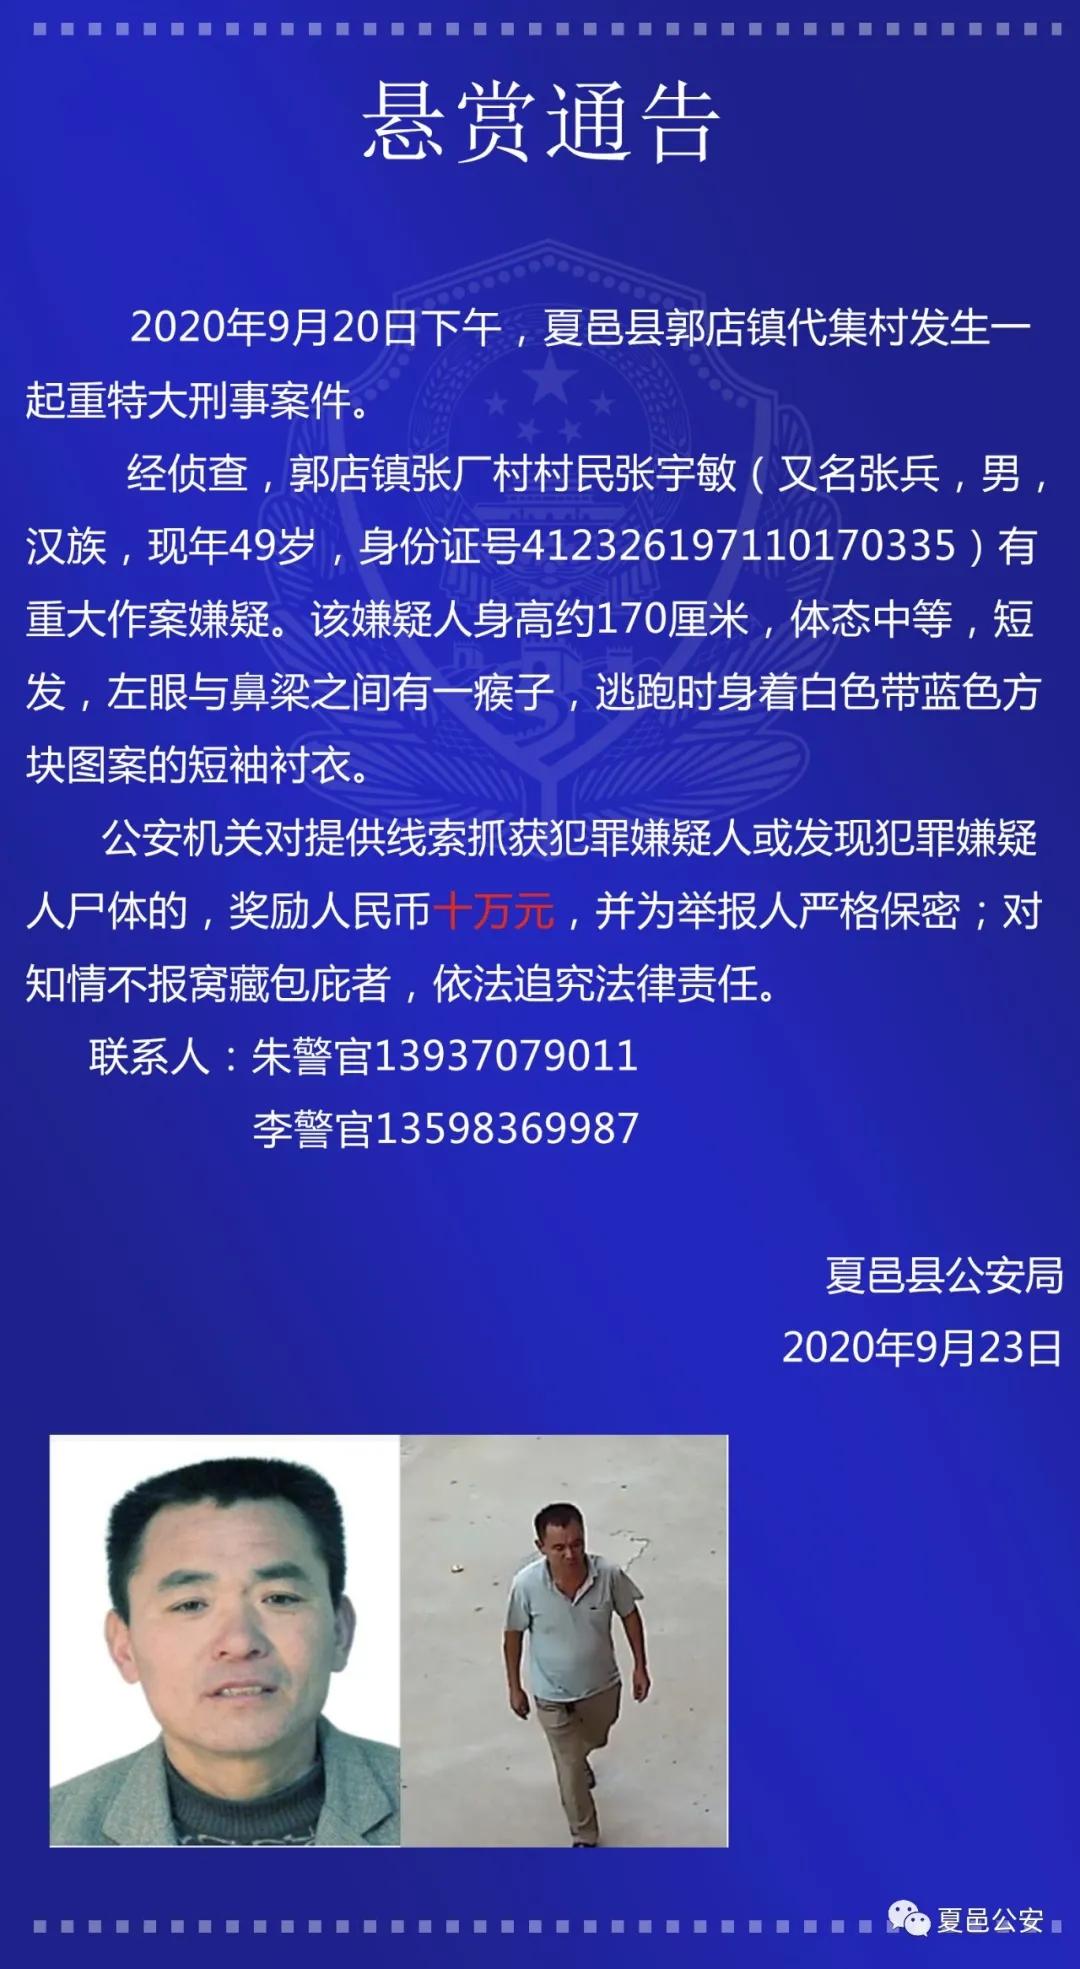 河南夏邑县重大刑事案件犯罪嫌疑人张宇敏被抓获归案